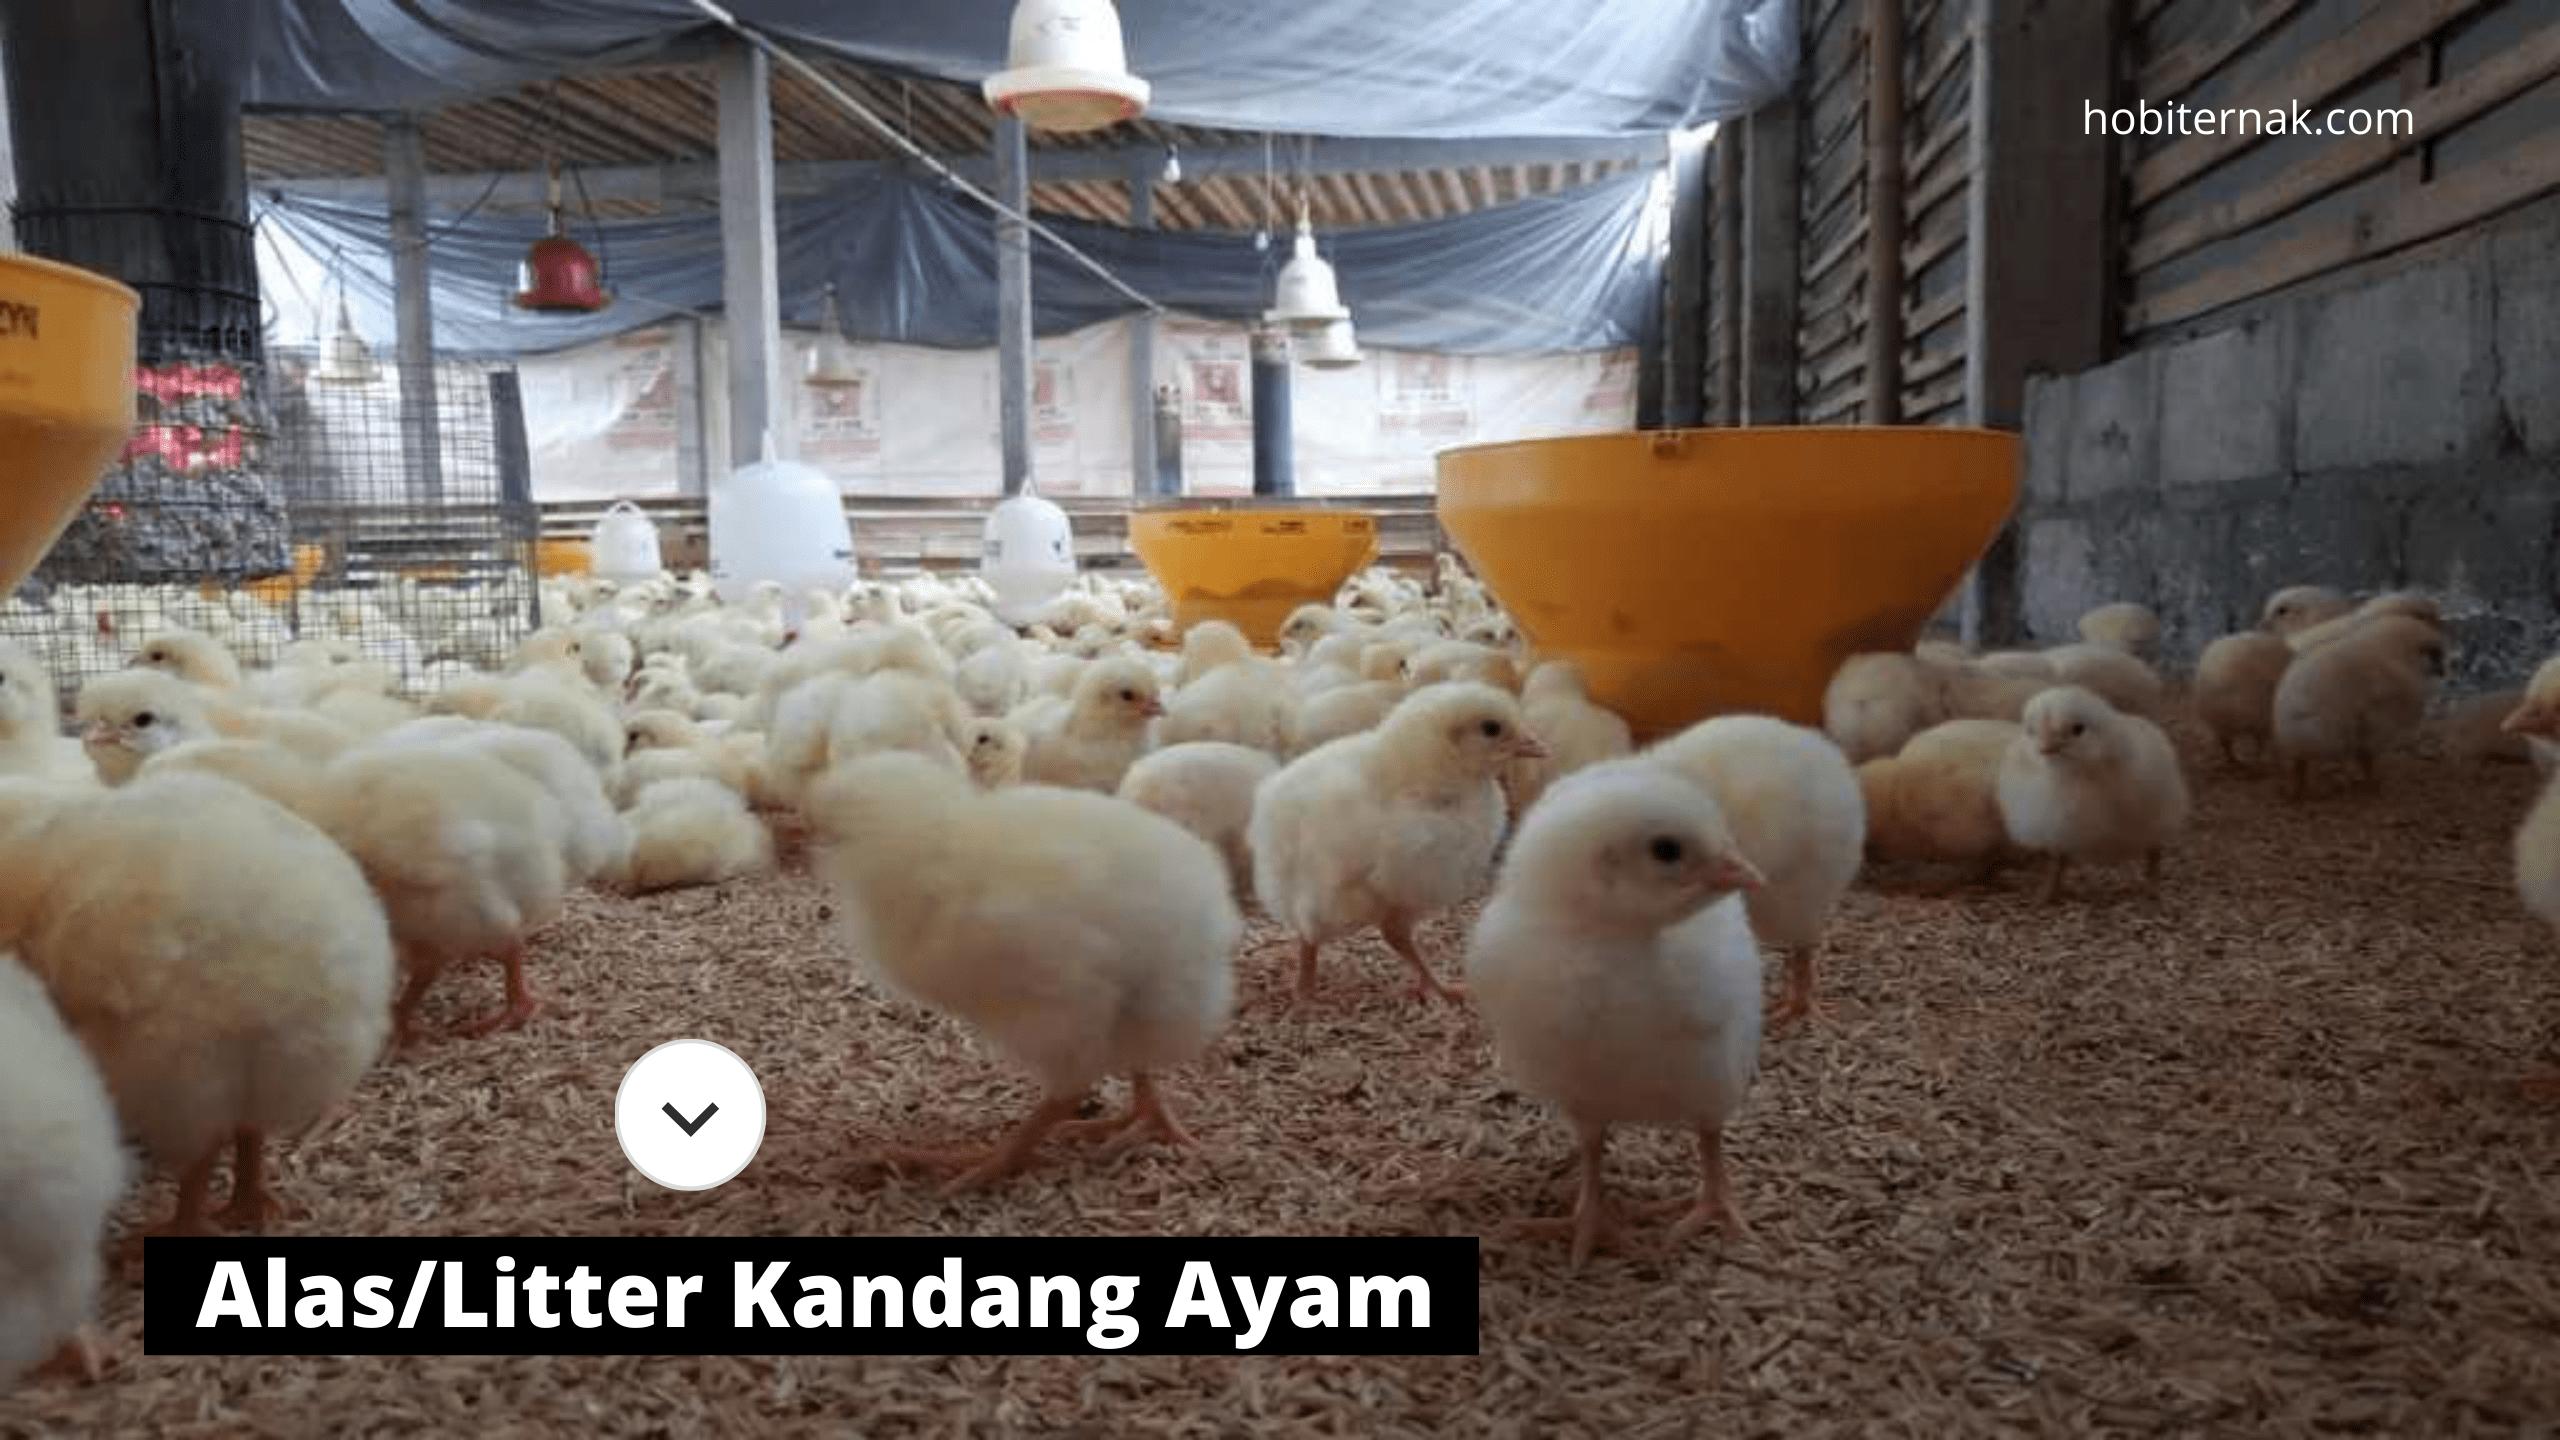 Litter atau alas kandang ayam sangat penting bagi keberhasilan ternak ayam   image 1